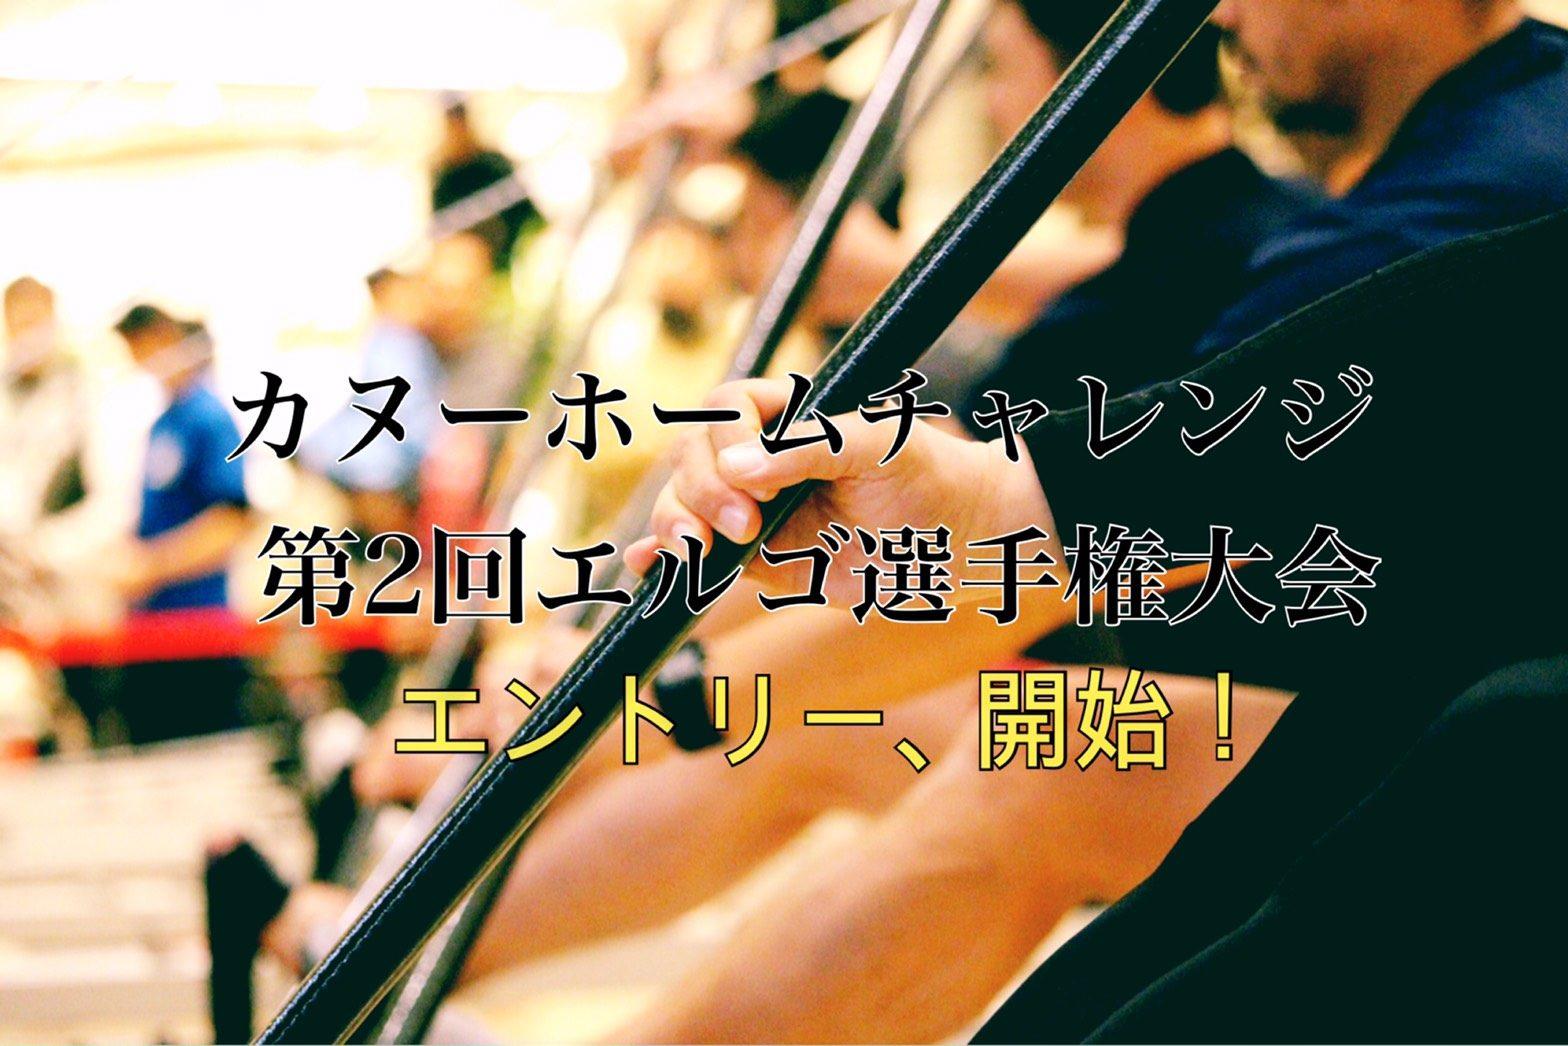 カヌーホームチャレンジ 第2回エルゴ選手権大会(※2020年2月1日更新)